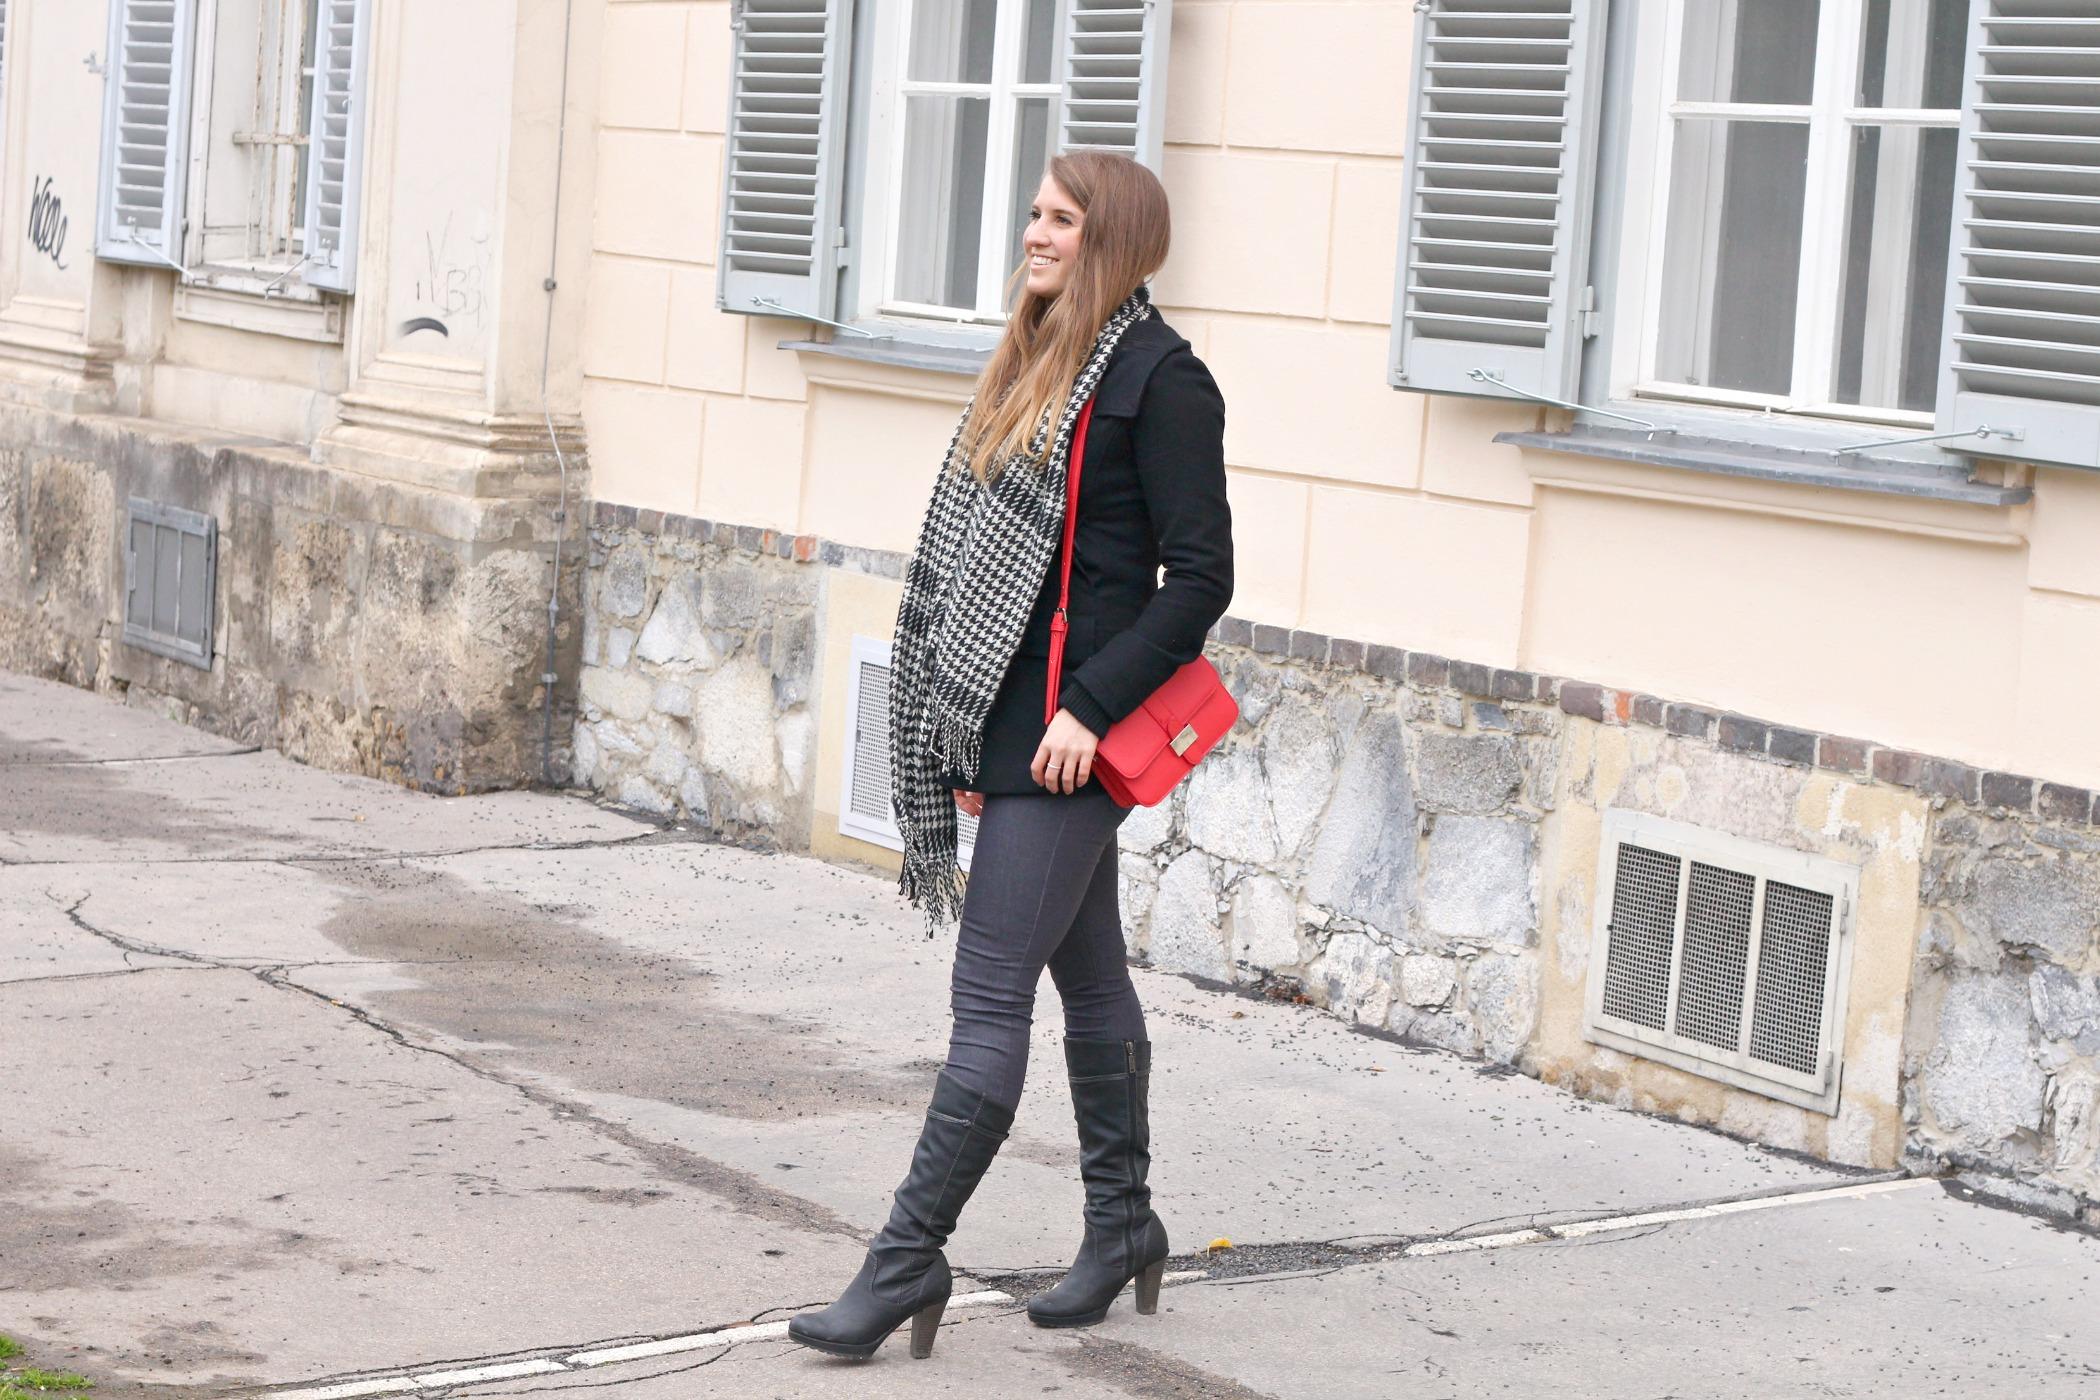 fitnessblog-lifestyleblog-blog-österreich-graz-klara-fuchs-blogger-lifestyle-stadt-outfit4